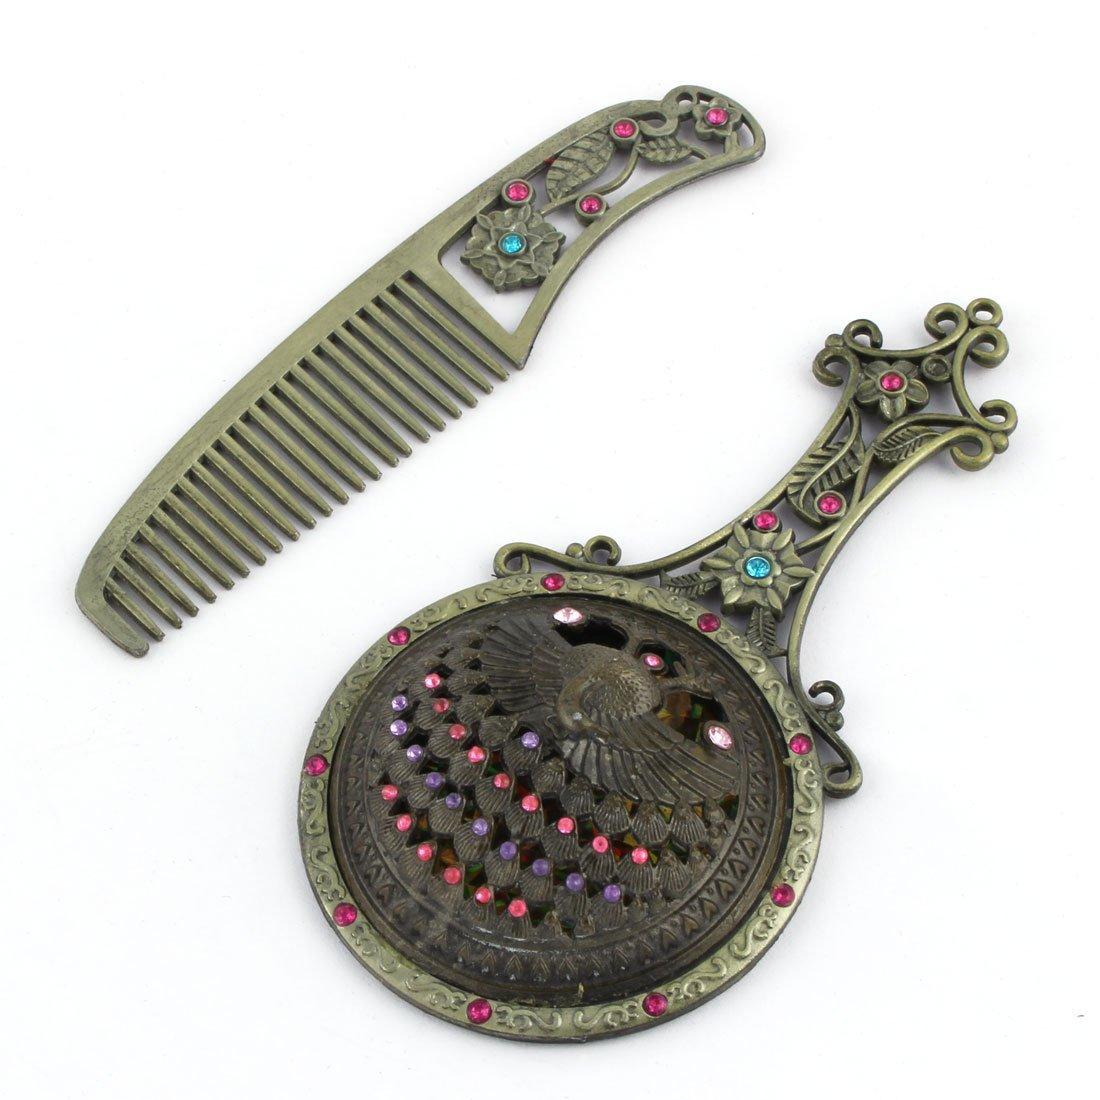 Amazon.com: eDealMax Metal de las señoras del pavo Real de la Flor de la decoración de Mano del Espejo cosmético del peine 2 en 1: Health & Personal Care